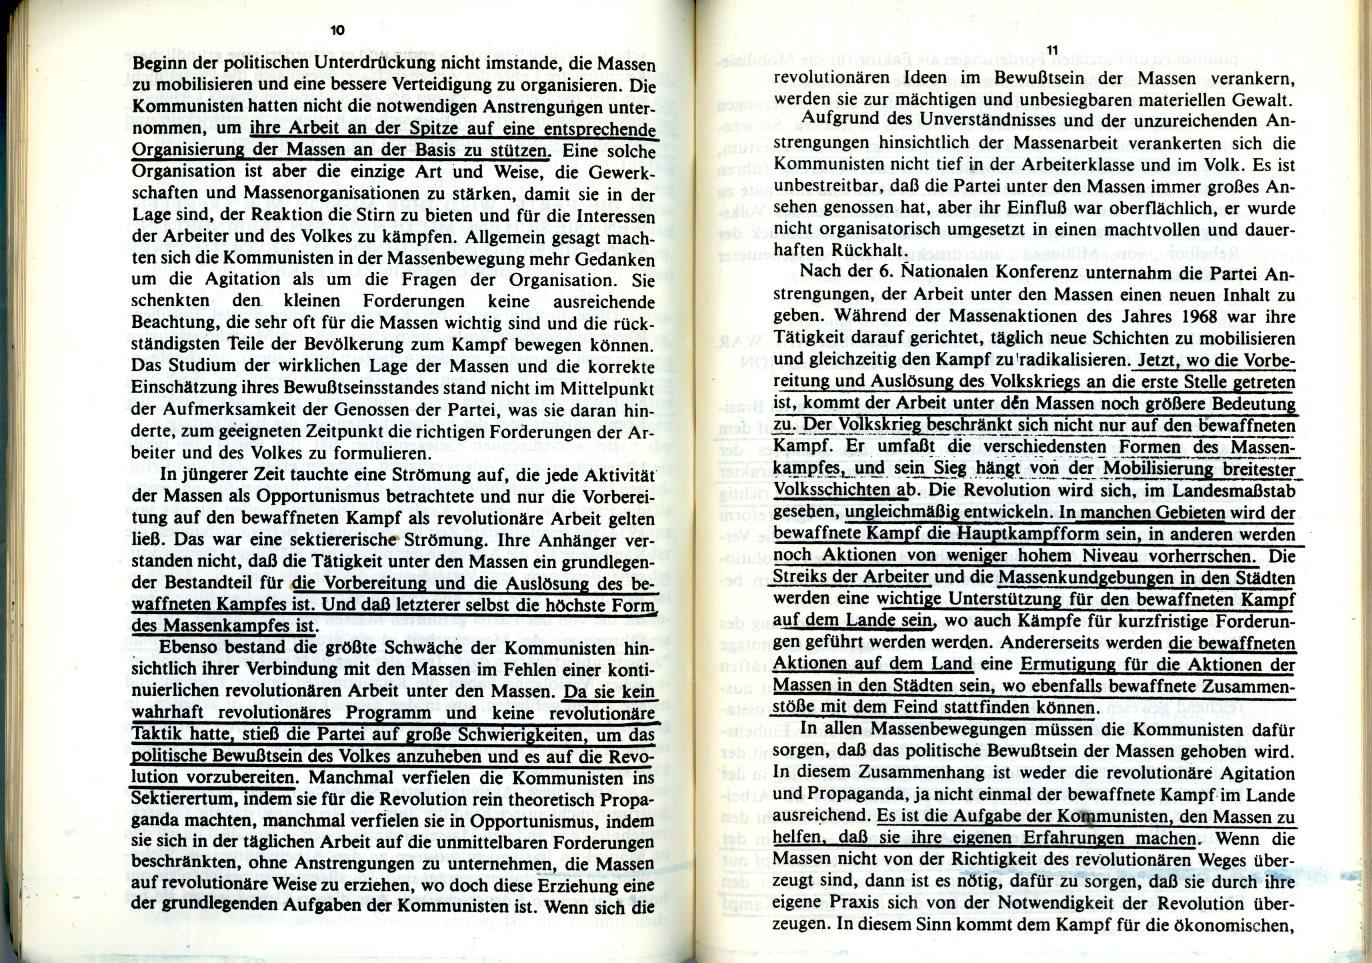 MLSK_Theorie_und_Praxis_des_ML_1978_20_14